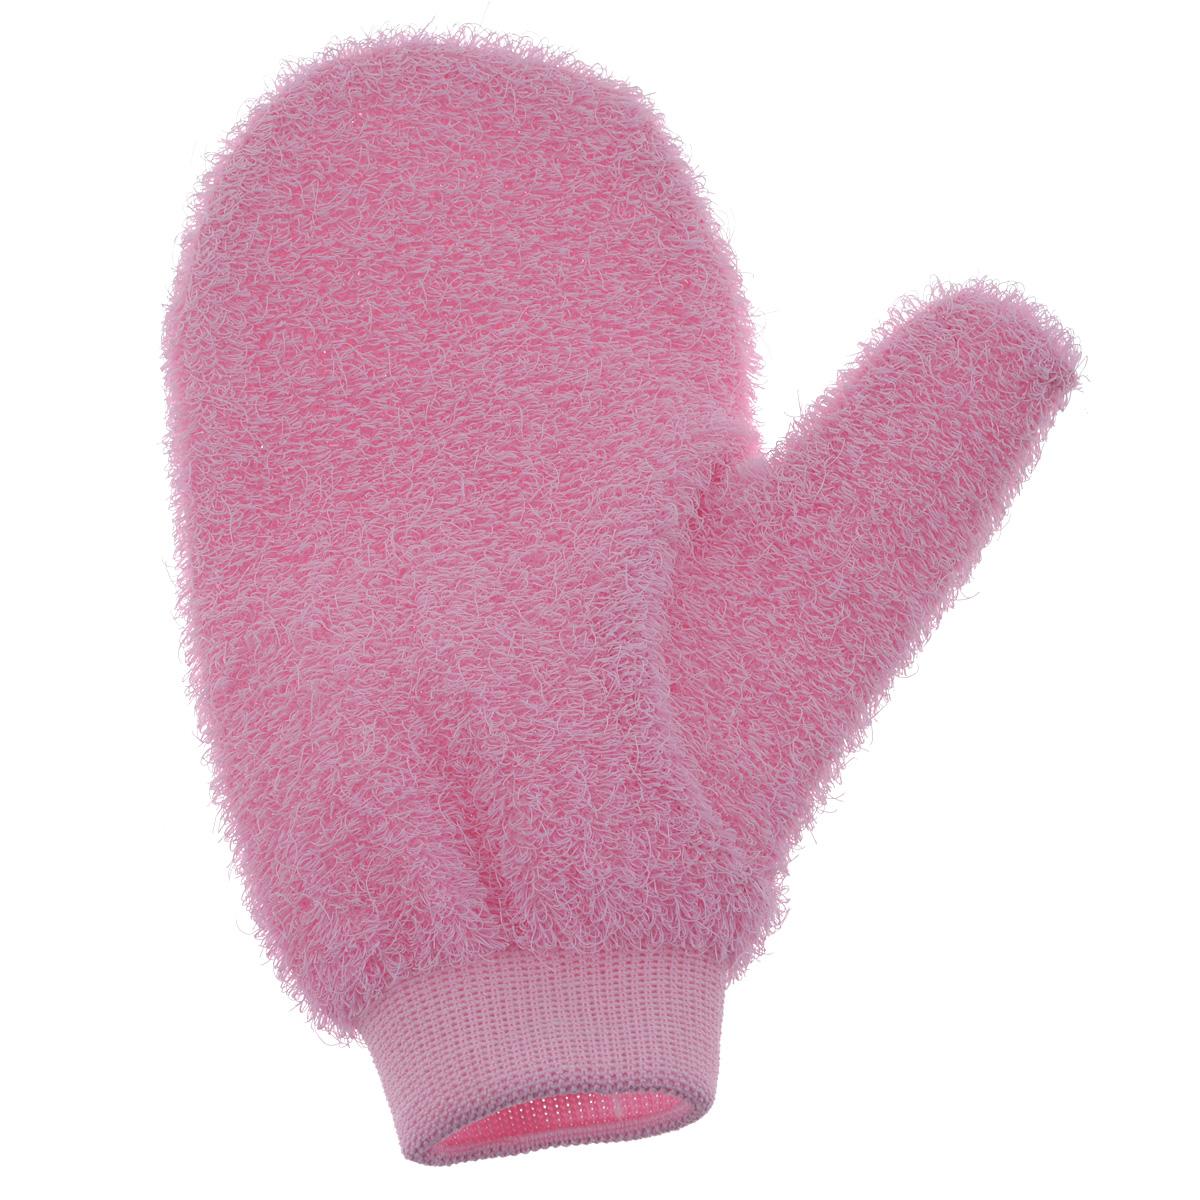 Riffi Мочалка-рукавица массажная, жесткая, розовый750_розовыйЖесткая мочалка-рукавица Riffi используется для мытья тела, обладает активным пилинговым действием, тонизируя, массируя и эффективно очищая вашу кожу. Интенсивный и пощипывающе свежий массаж с применением Riffi оживляет кожу, активирует кровоснабжение и улучшает общее самочувствие. Благодаря отшелушивающему эффекту освобождает кожу от отмерших клеток, делает ее гладкой, упругой и свежей. Приносит приятное расслабление всему организму. Эффективно предупреждает образование целлюлита.